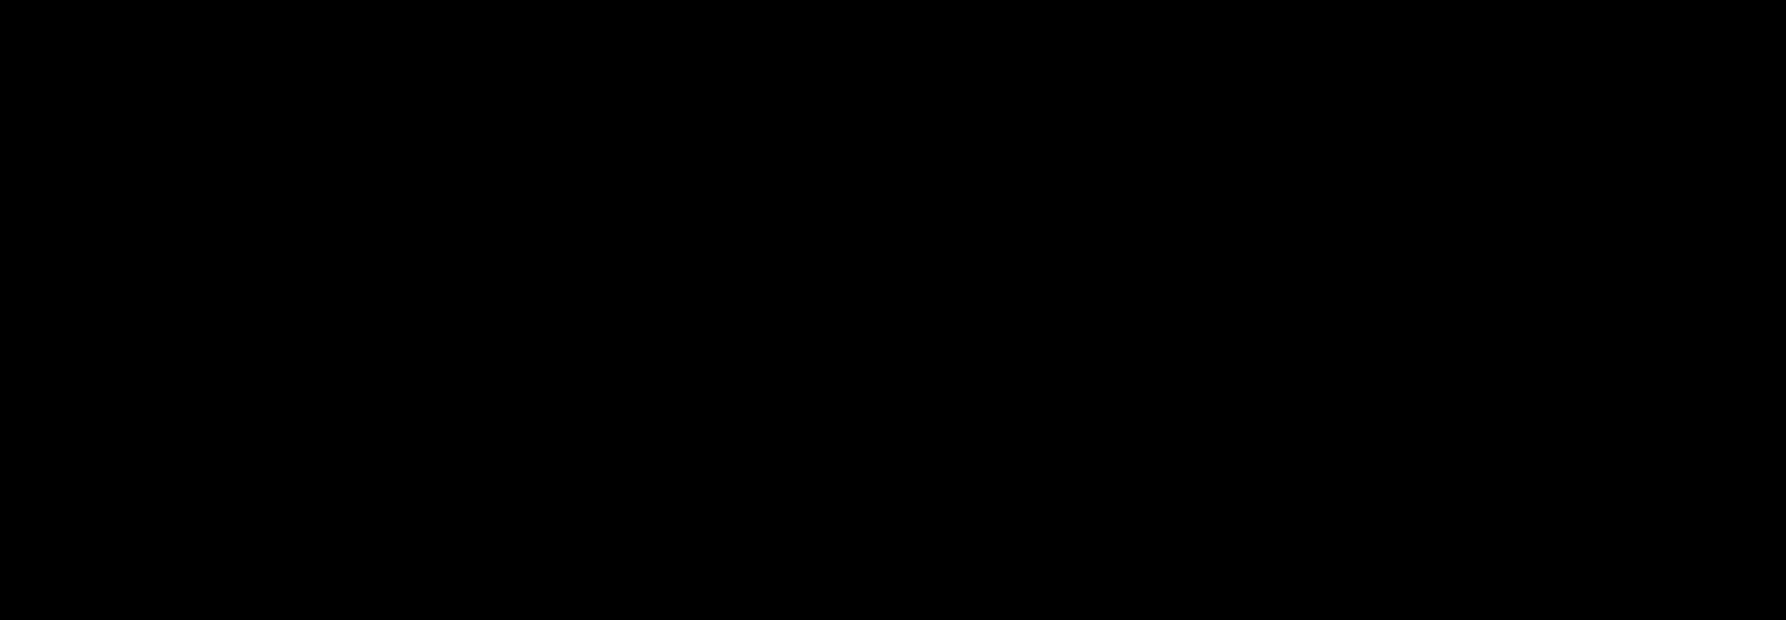 N-(4-((2-Amino-9H-purin-6-yloxy)methyl)benzyl)pent-4-ynamide